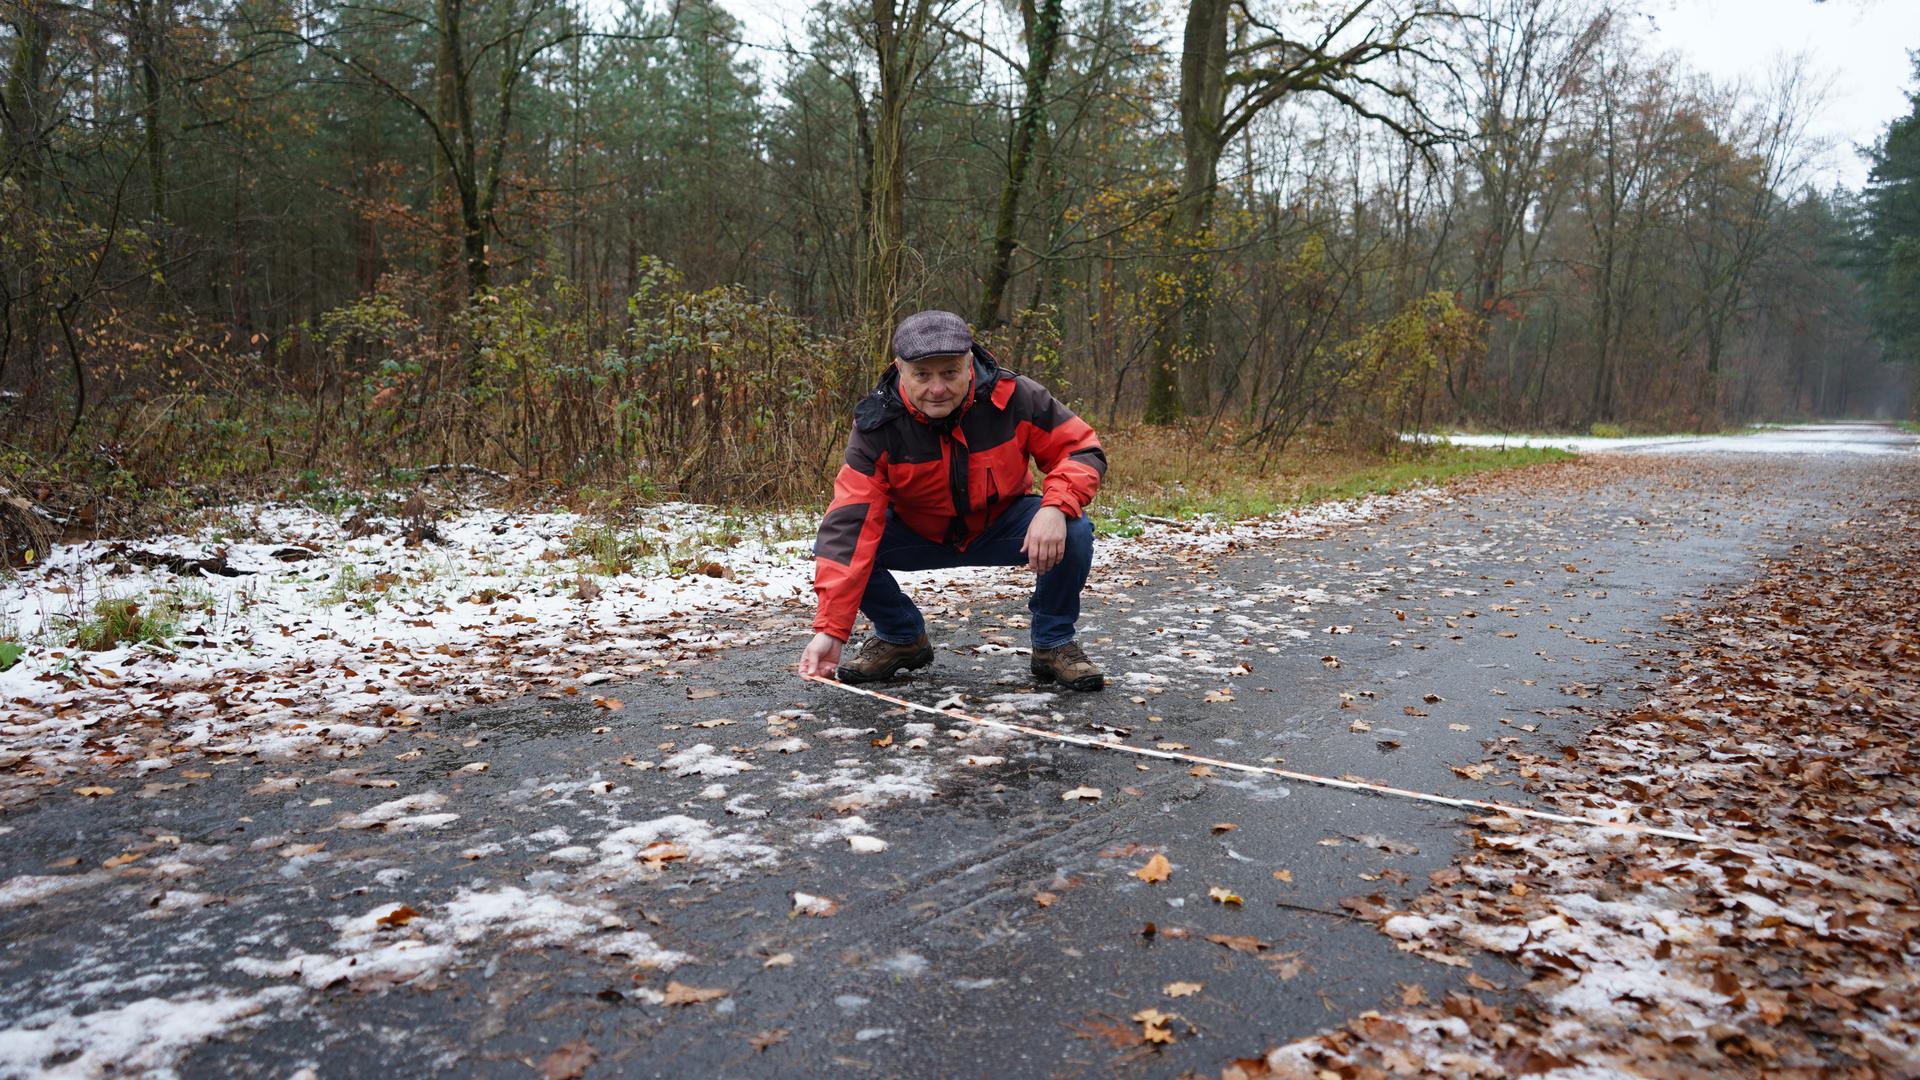 Mann mit Mütze und roter Jacke in der Hocke und misst im Wald einen Weg ab.